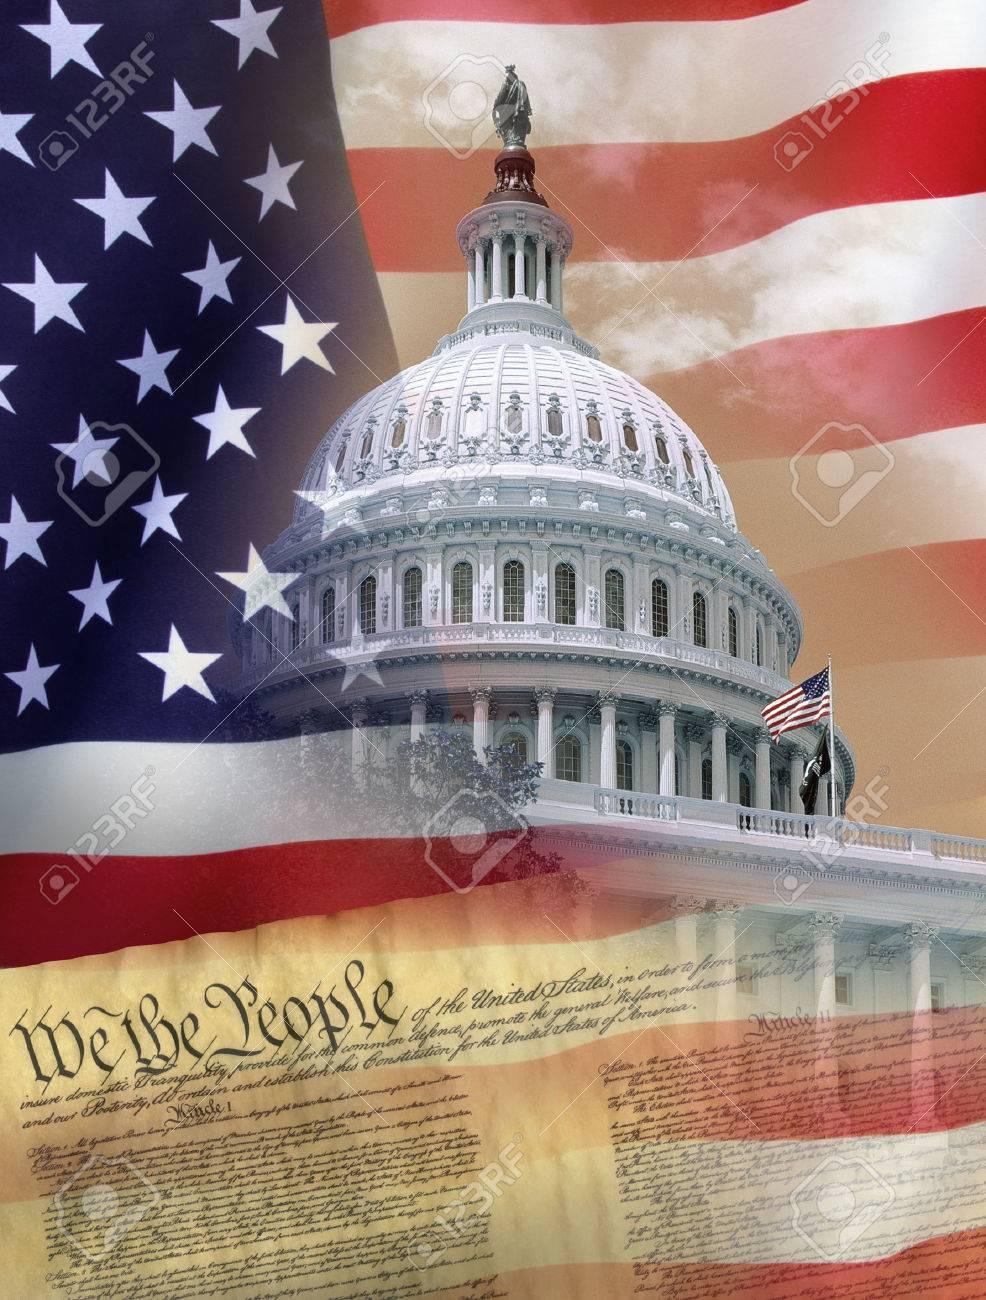 Washington DC - Symbols of the United States of America - 39333494